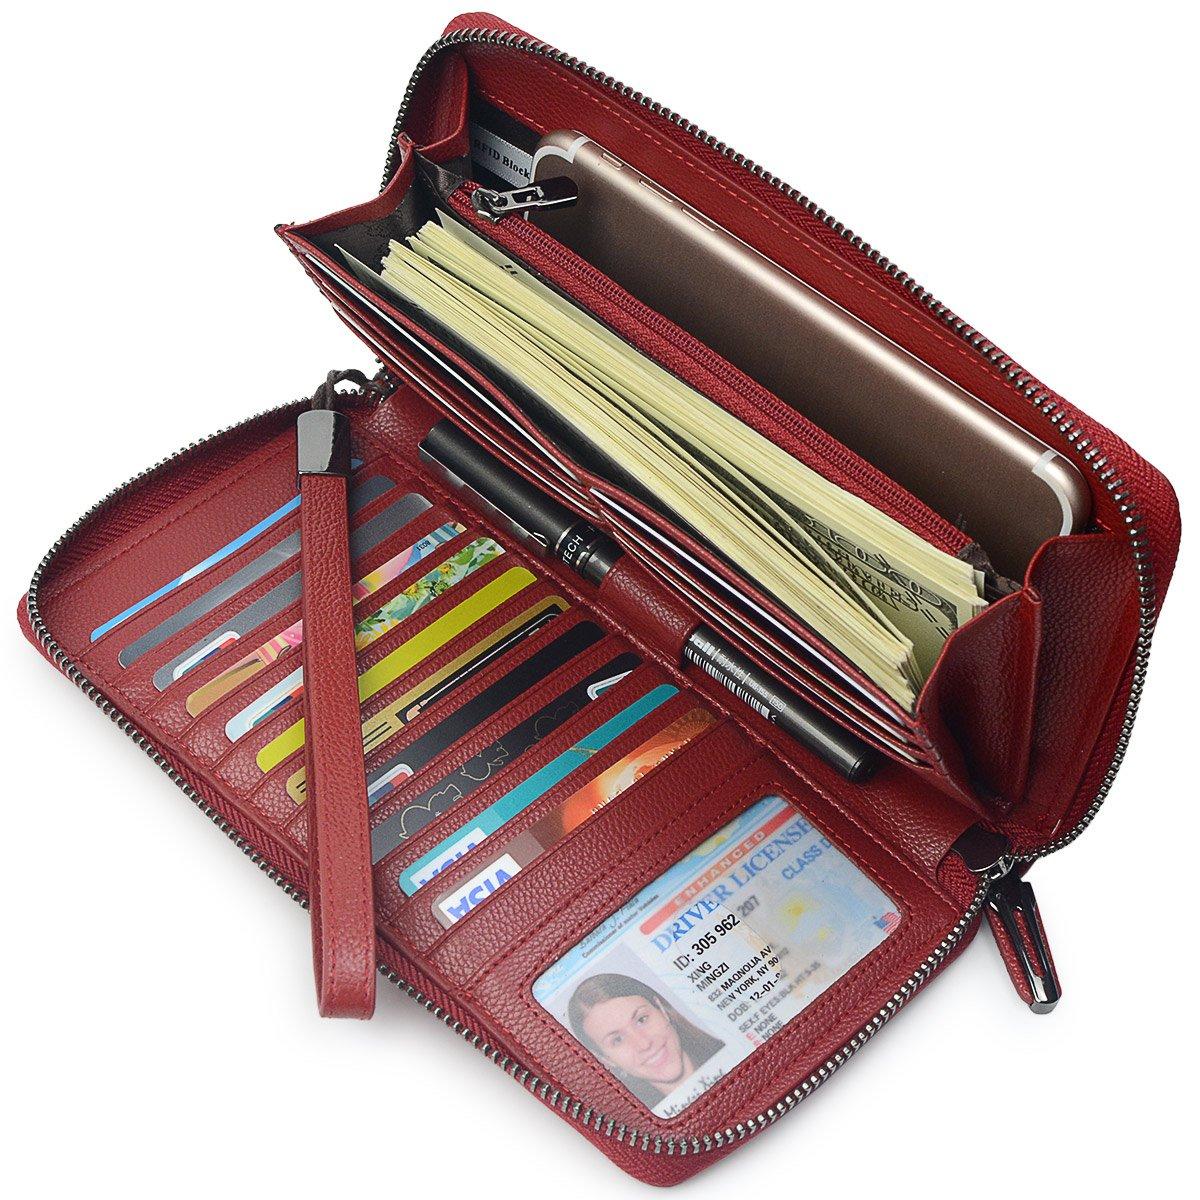 Women RFID Blocking Wallet Leather Zip Around Clutch Large Travel Purse Wrist Strap (Wine Red)